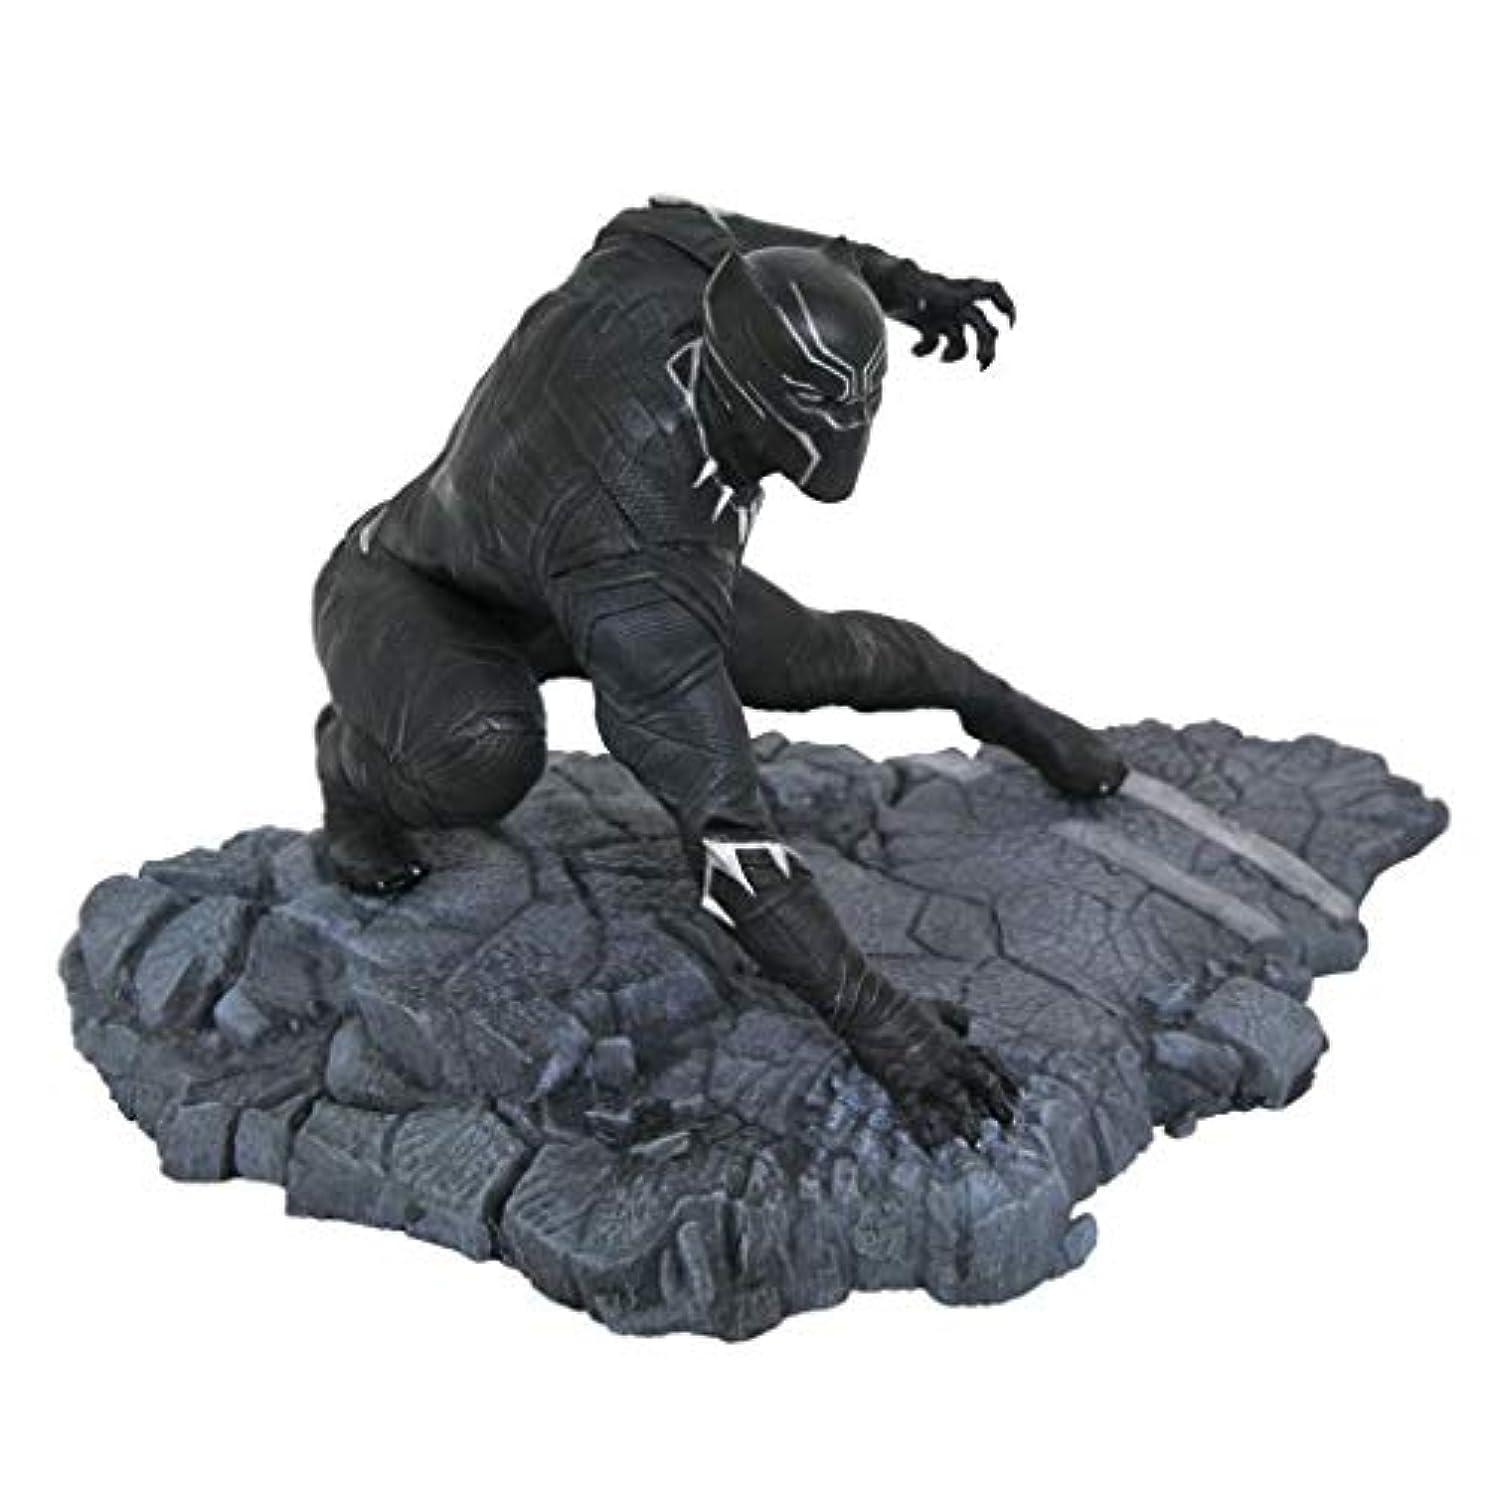 廃止する正しいボリューム玩具像玩具モデル漫画キャラクターブラックパンサー映画シリーズキャラクターお土産像15センチ Hyococ